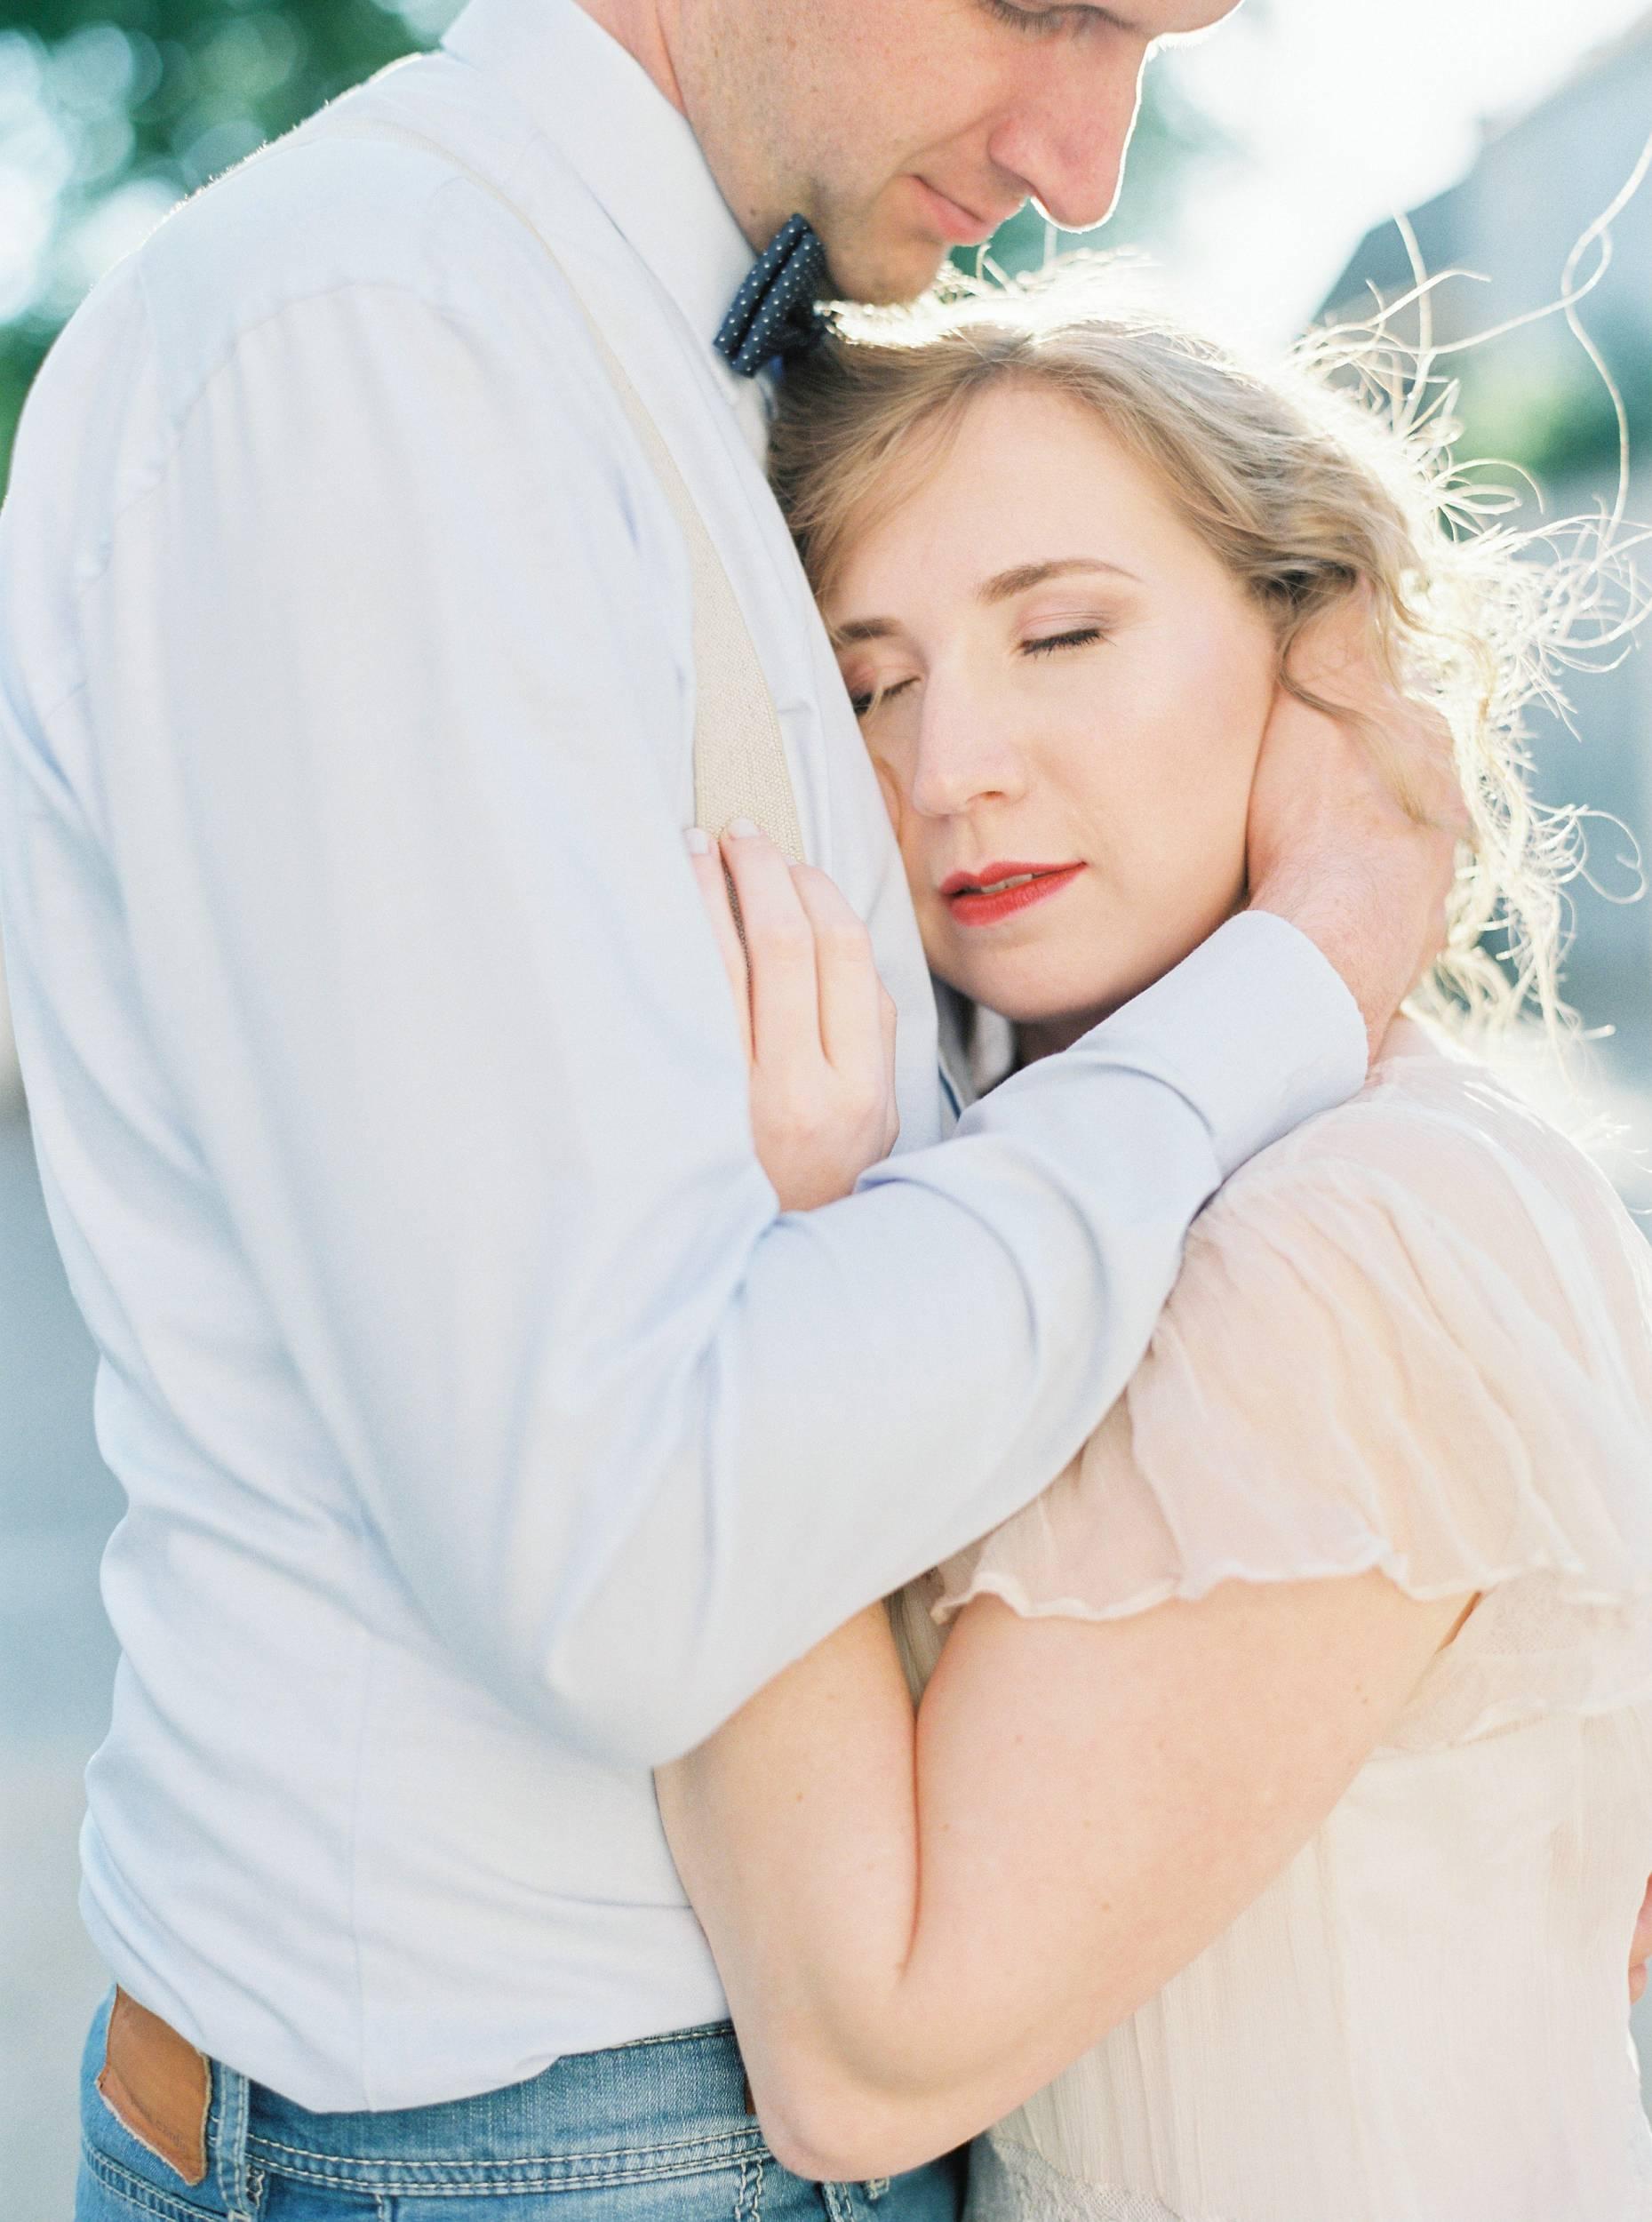 bride groom sunset hug romantiic